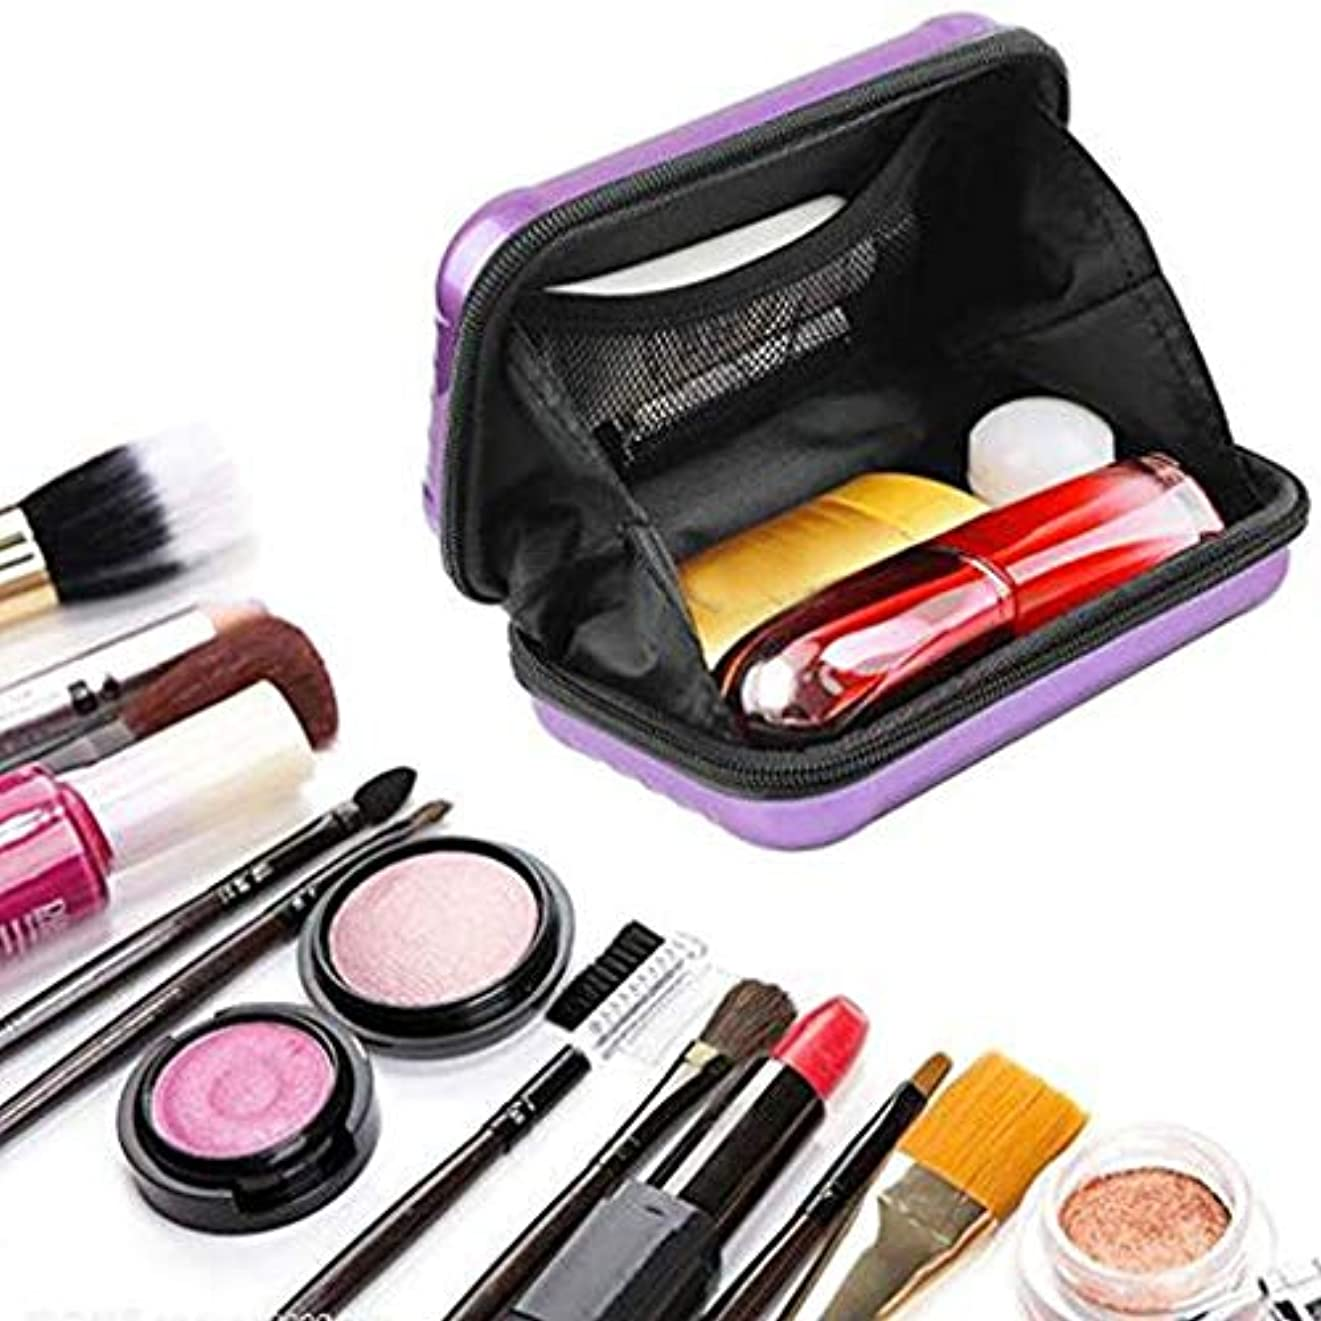 ビルダー発症影のあるミニポータブル旅行化粧品バッグ、女性のための防水/クラッシュ防止化粧バッグ、スーツケース化粧品ハンドバッグ (黄)